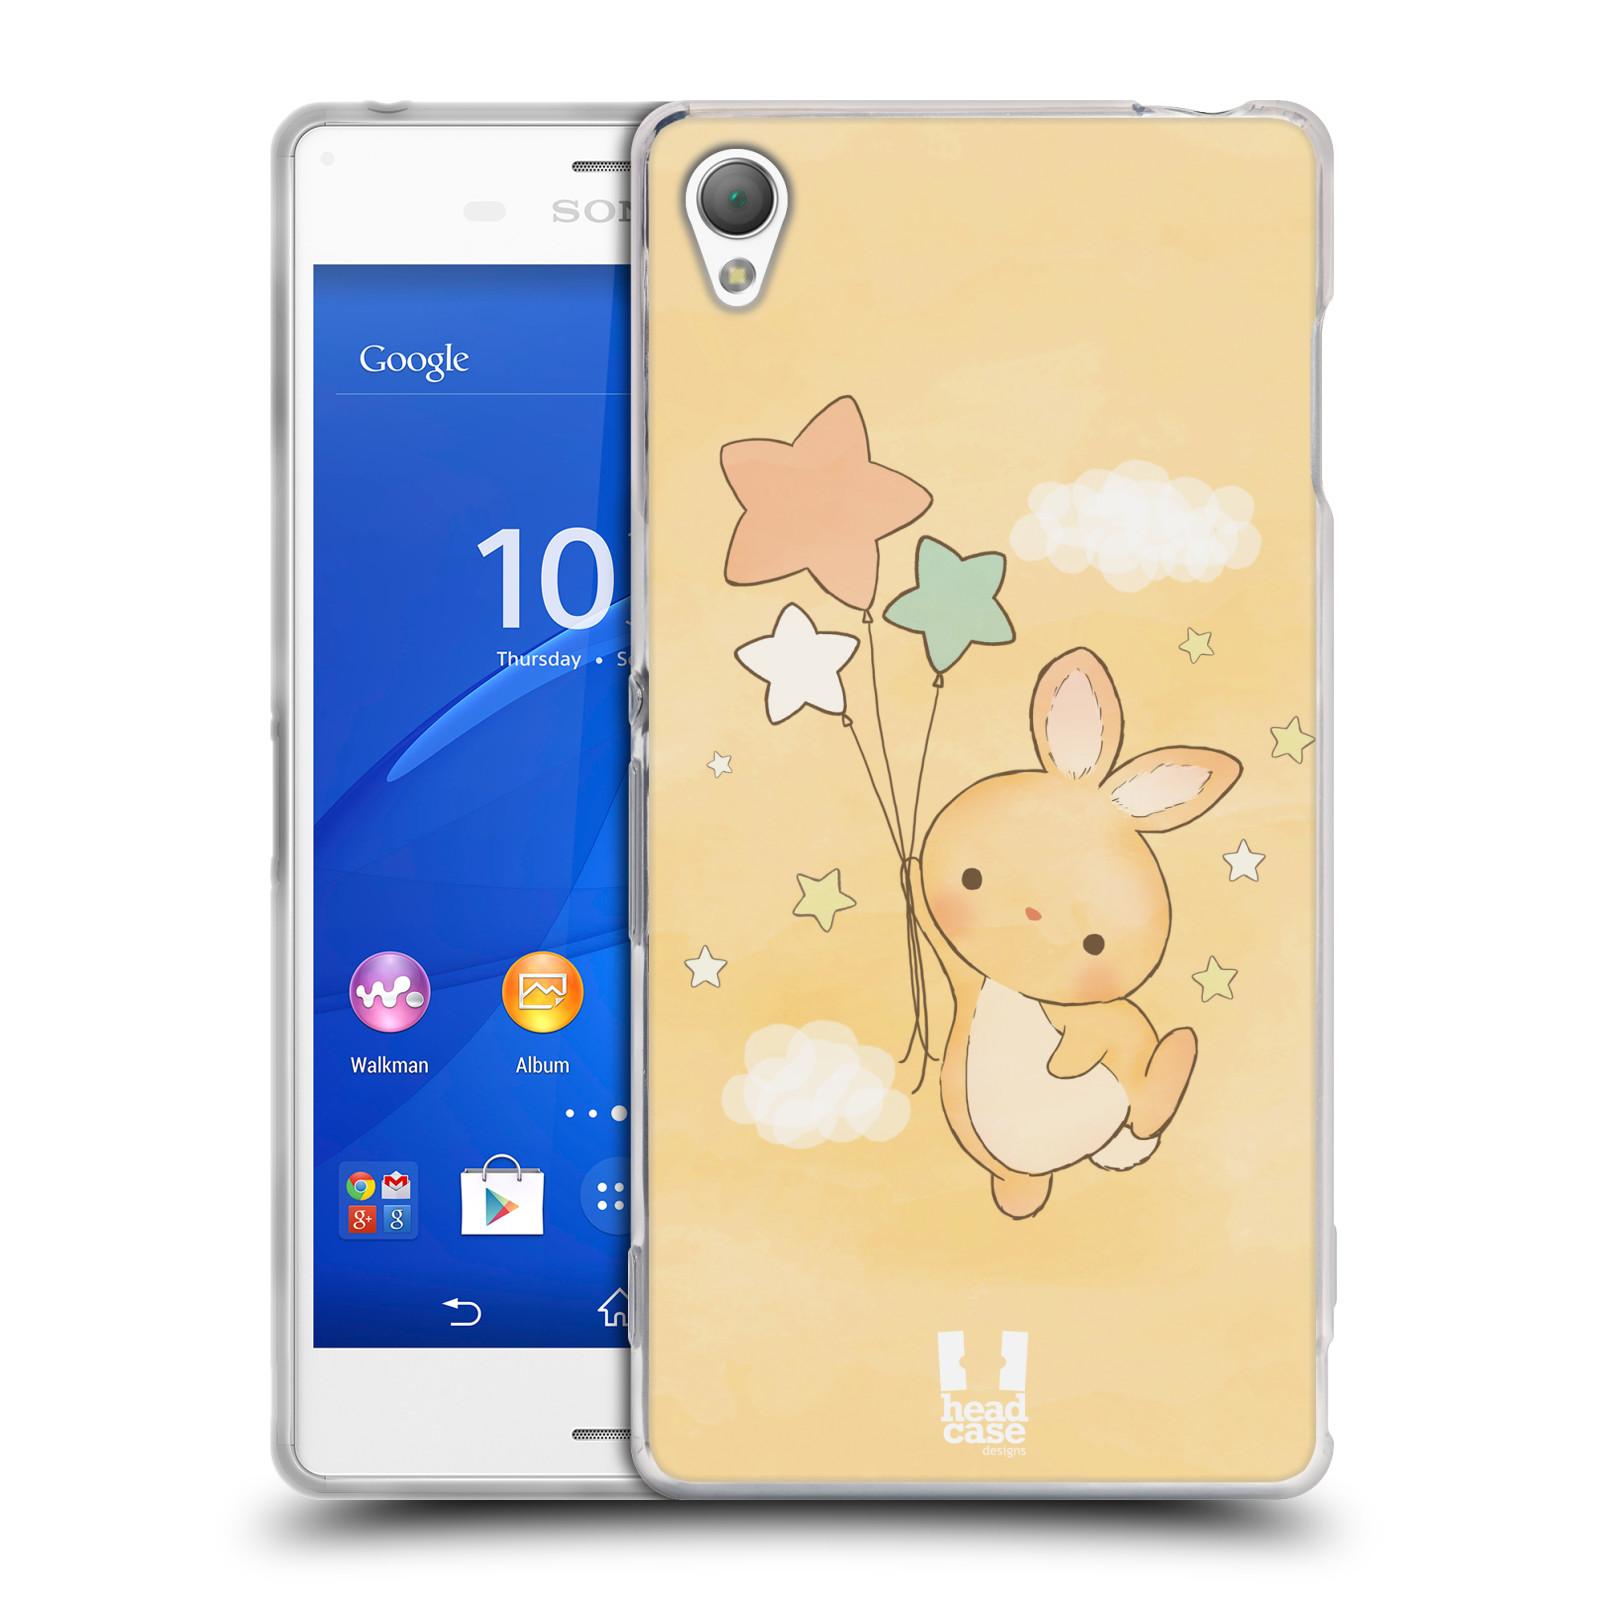 HEAD CASE silikonový obal na mobil Sony Xperia Z3 vzor králíček a hvězdy žlutá